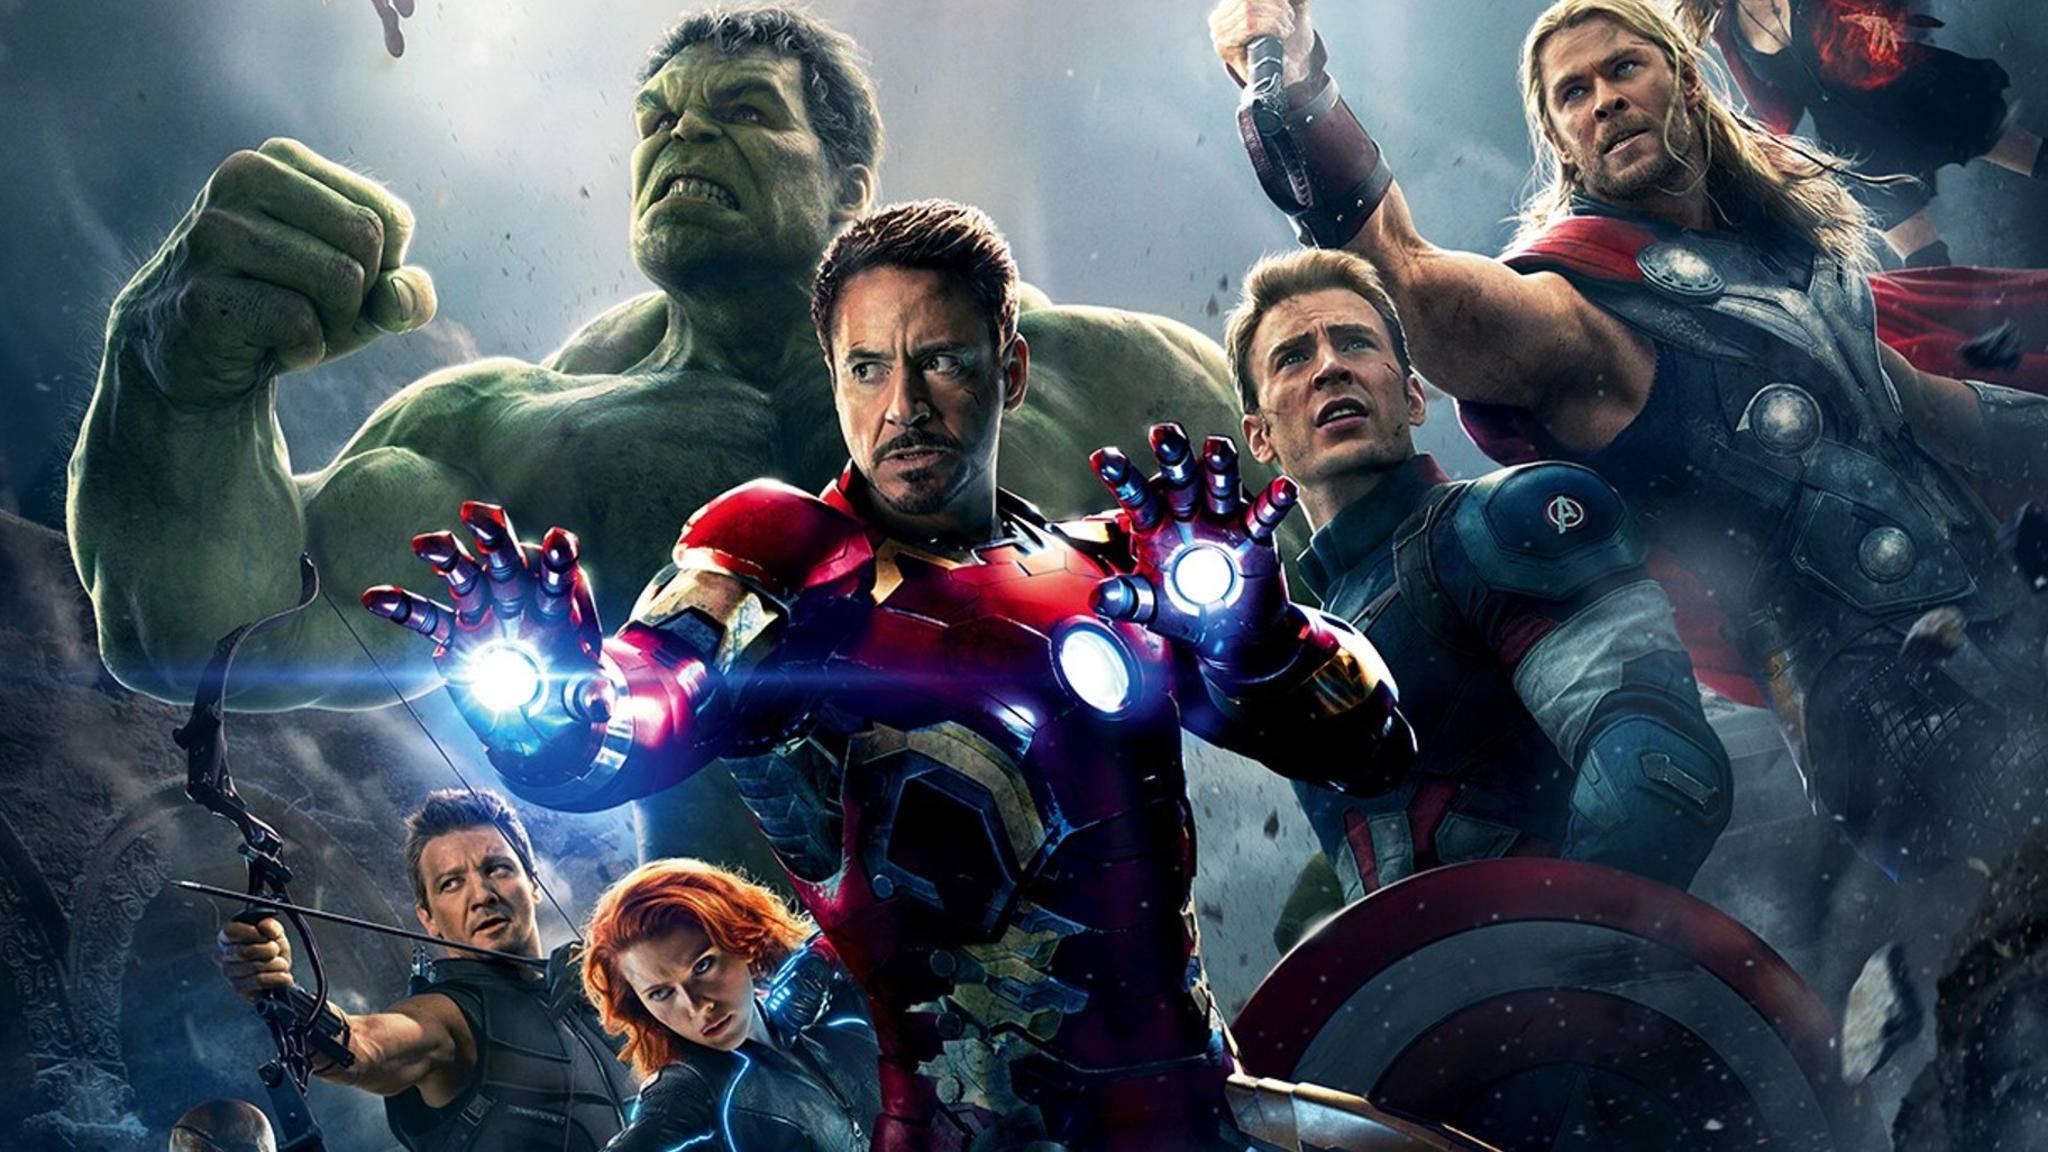 Seit 2012 kämpfen die Avengers Seite an Seite auf der großen Kinoleinwand.